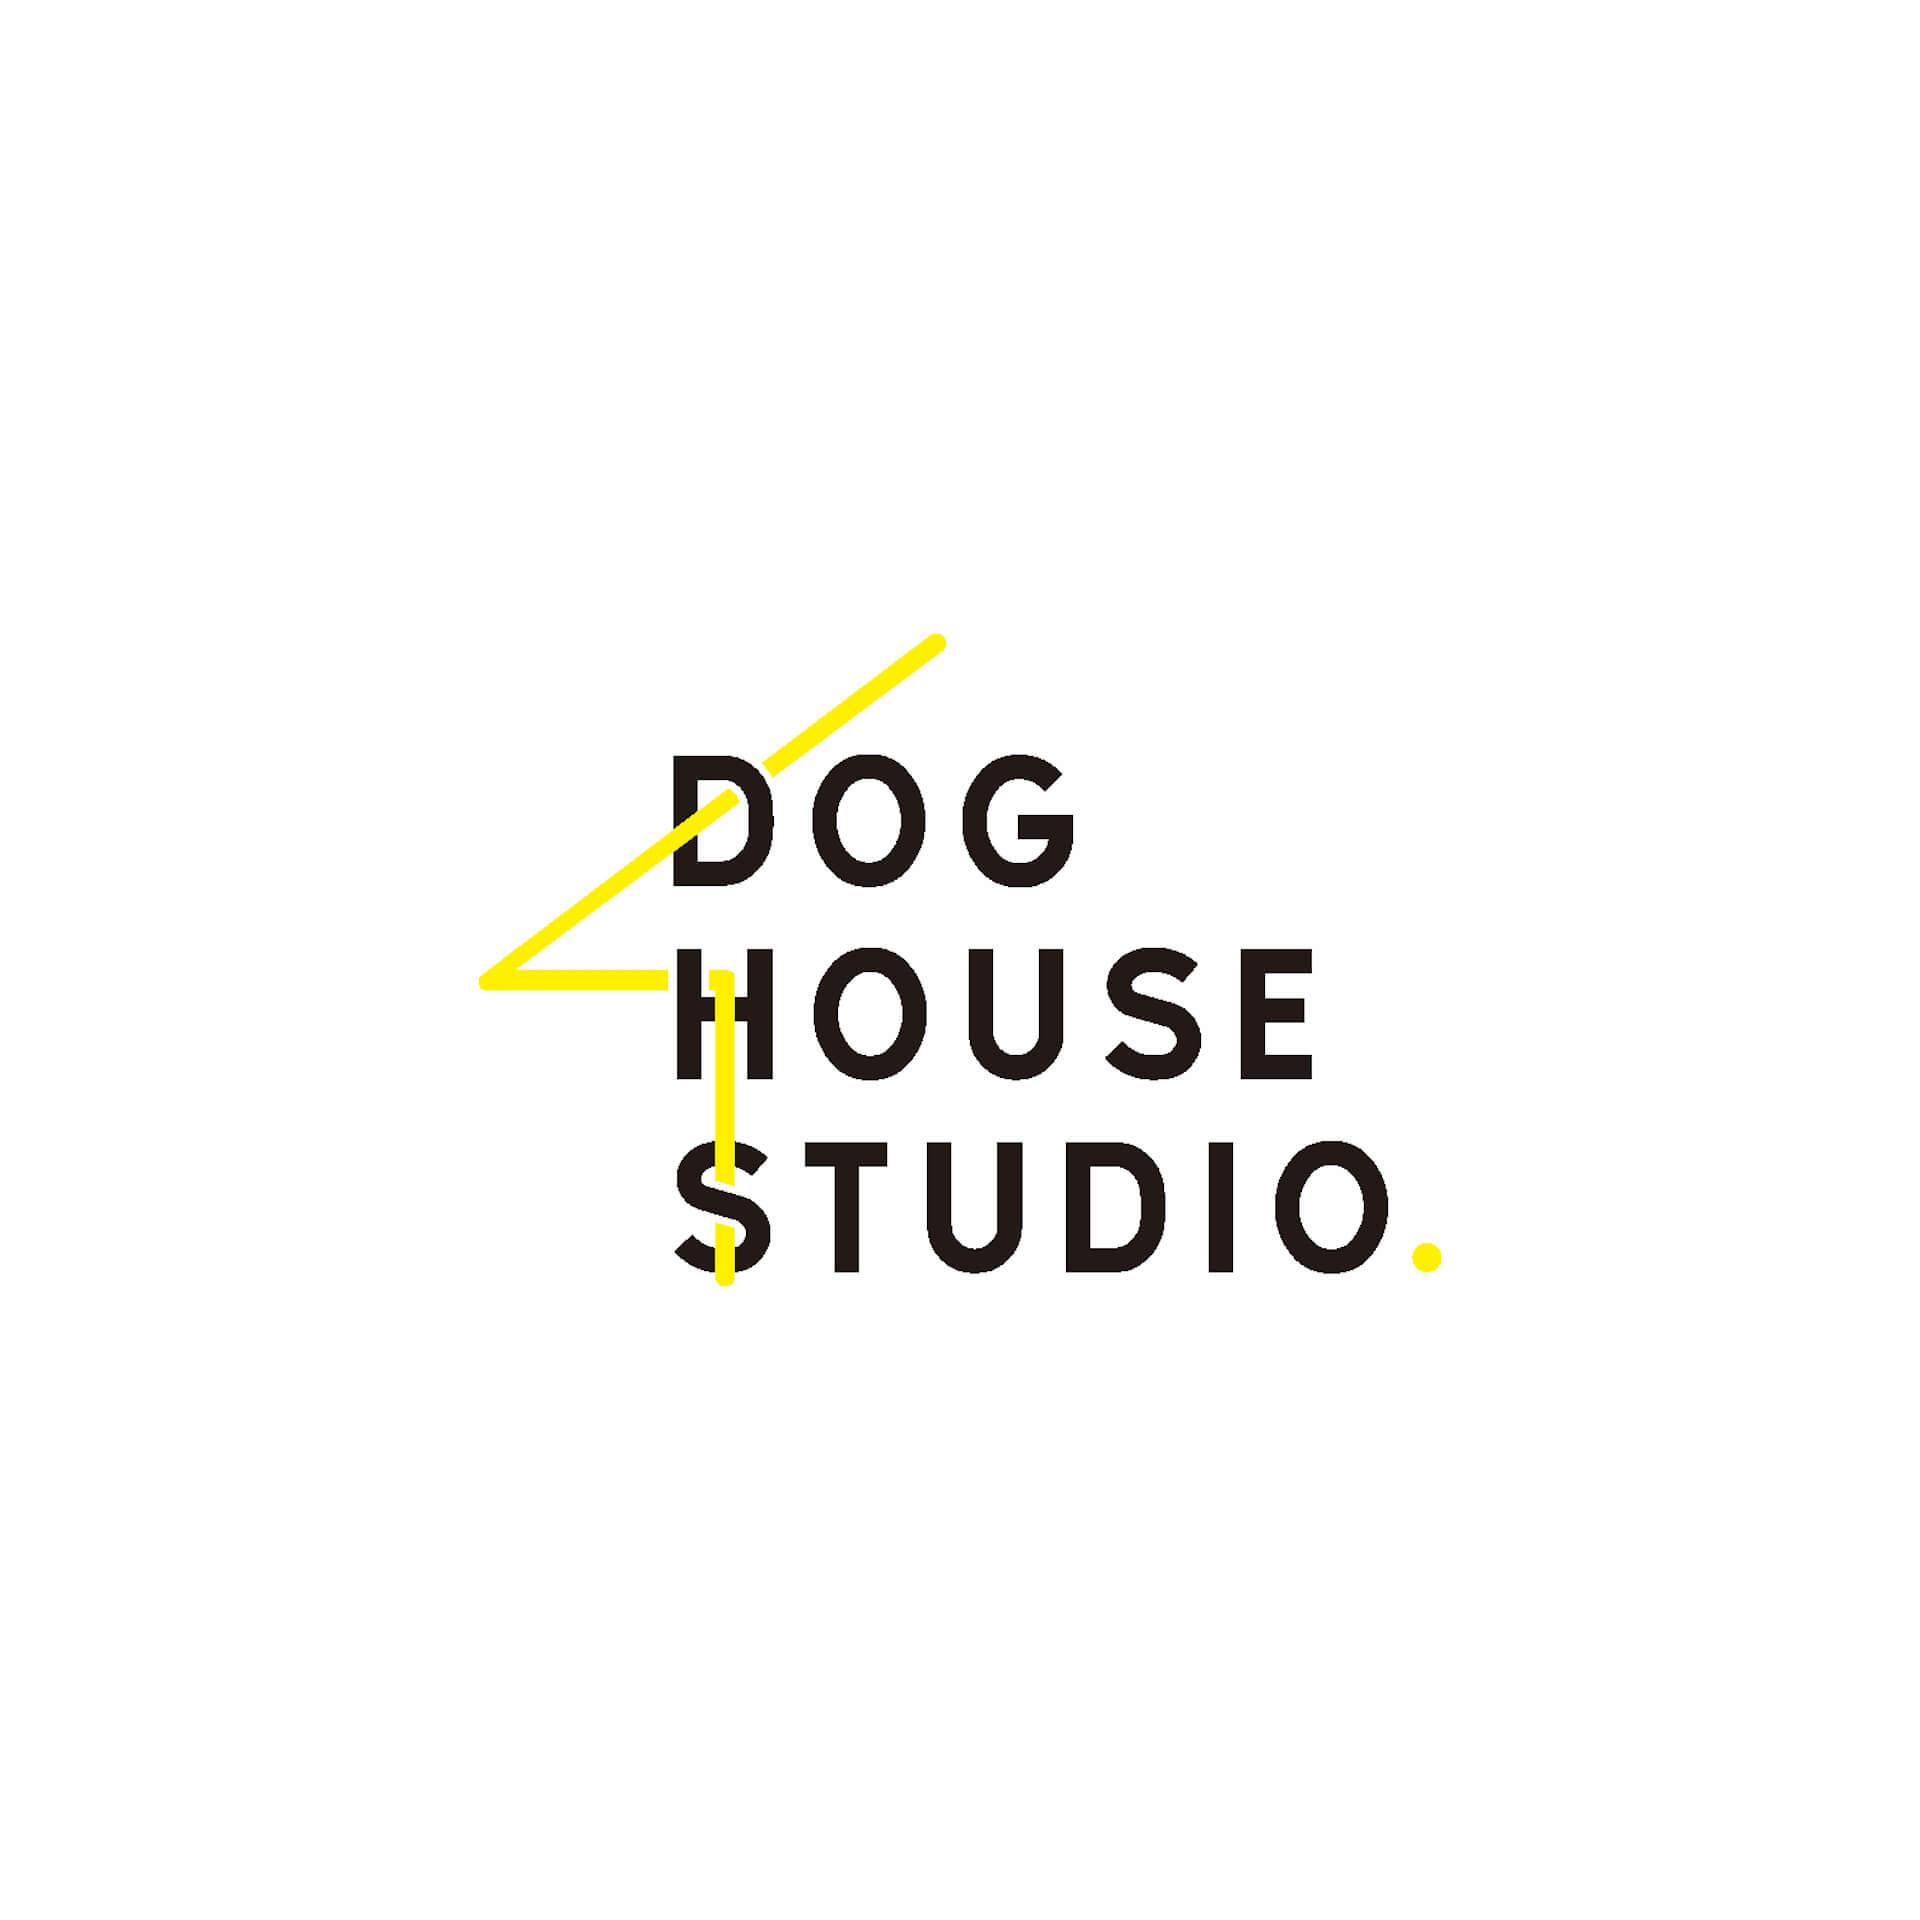 音楽ライブ番組『DOG HOUSE STUDIO』にて、Olive OilとMiles Wordからなるユニット・U_Knowのスペシャルライブ動画が公開! music20112_doghousestudio_3